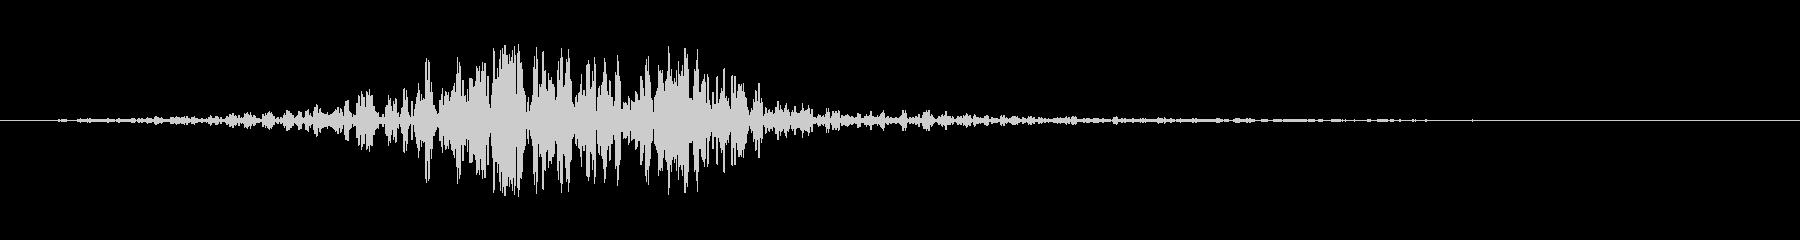 中世のカタパルトまたはトレビュシェ...の未再生の波形